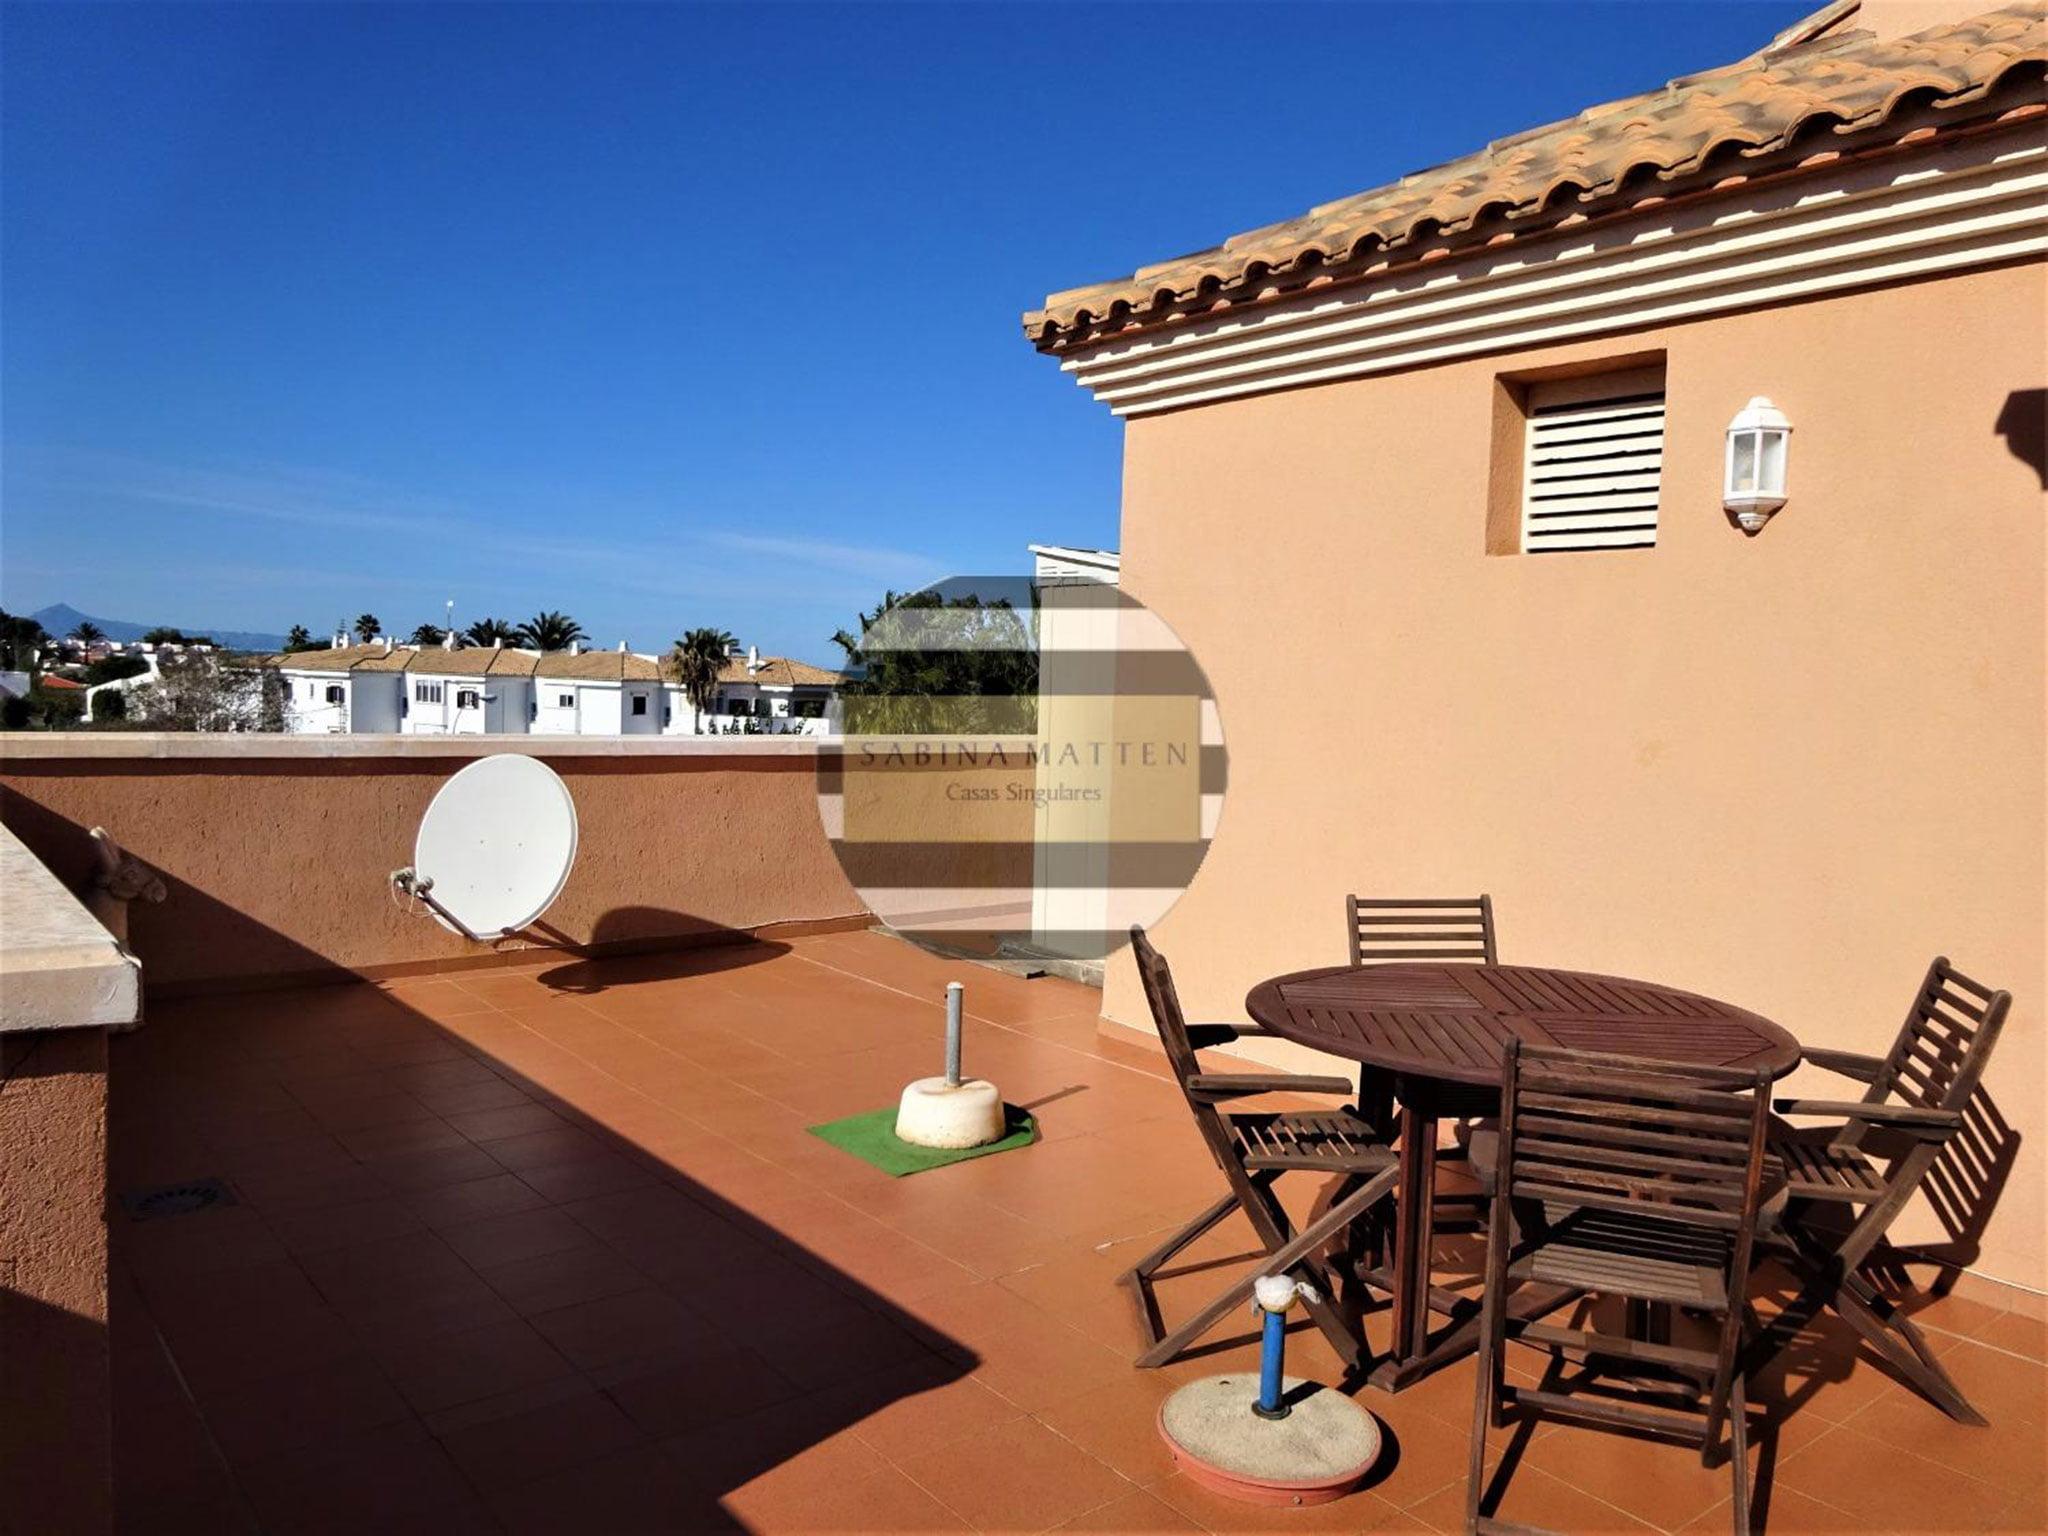 Gran terraza con enormes posibilidades – Casas Singulares